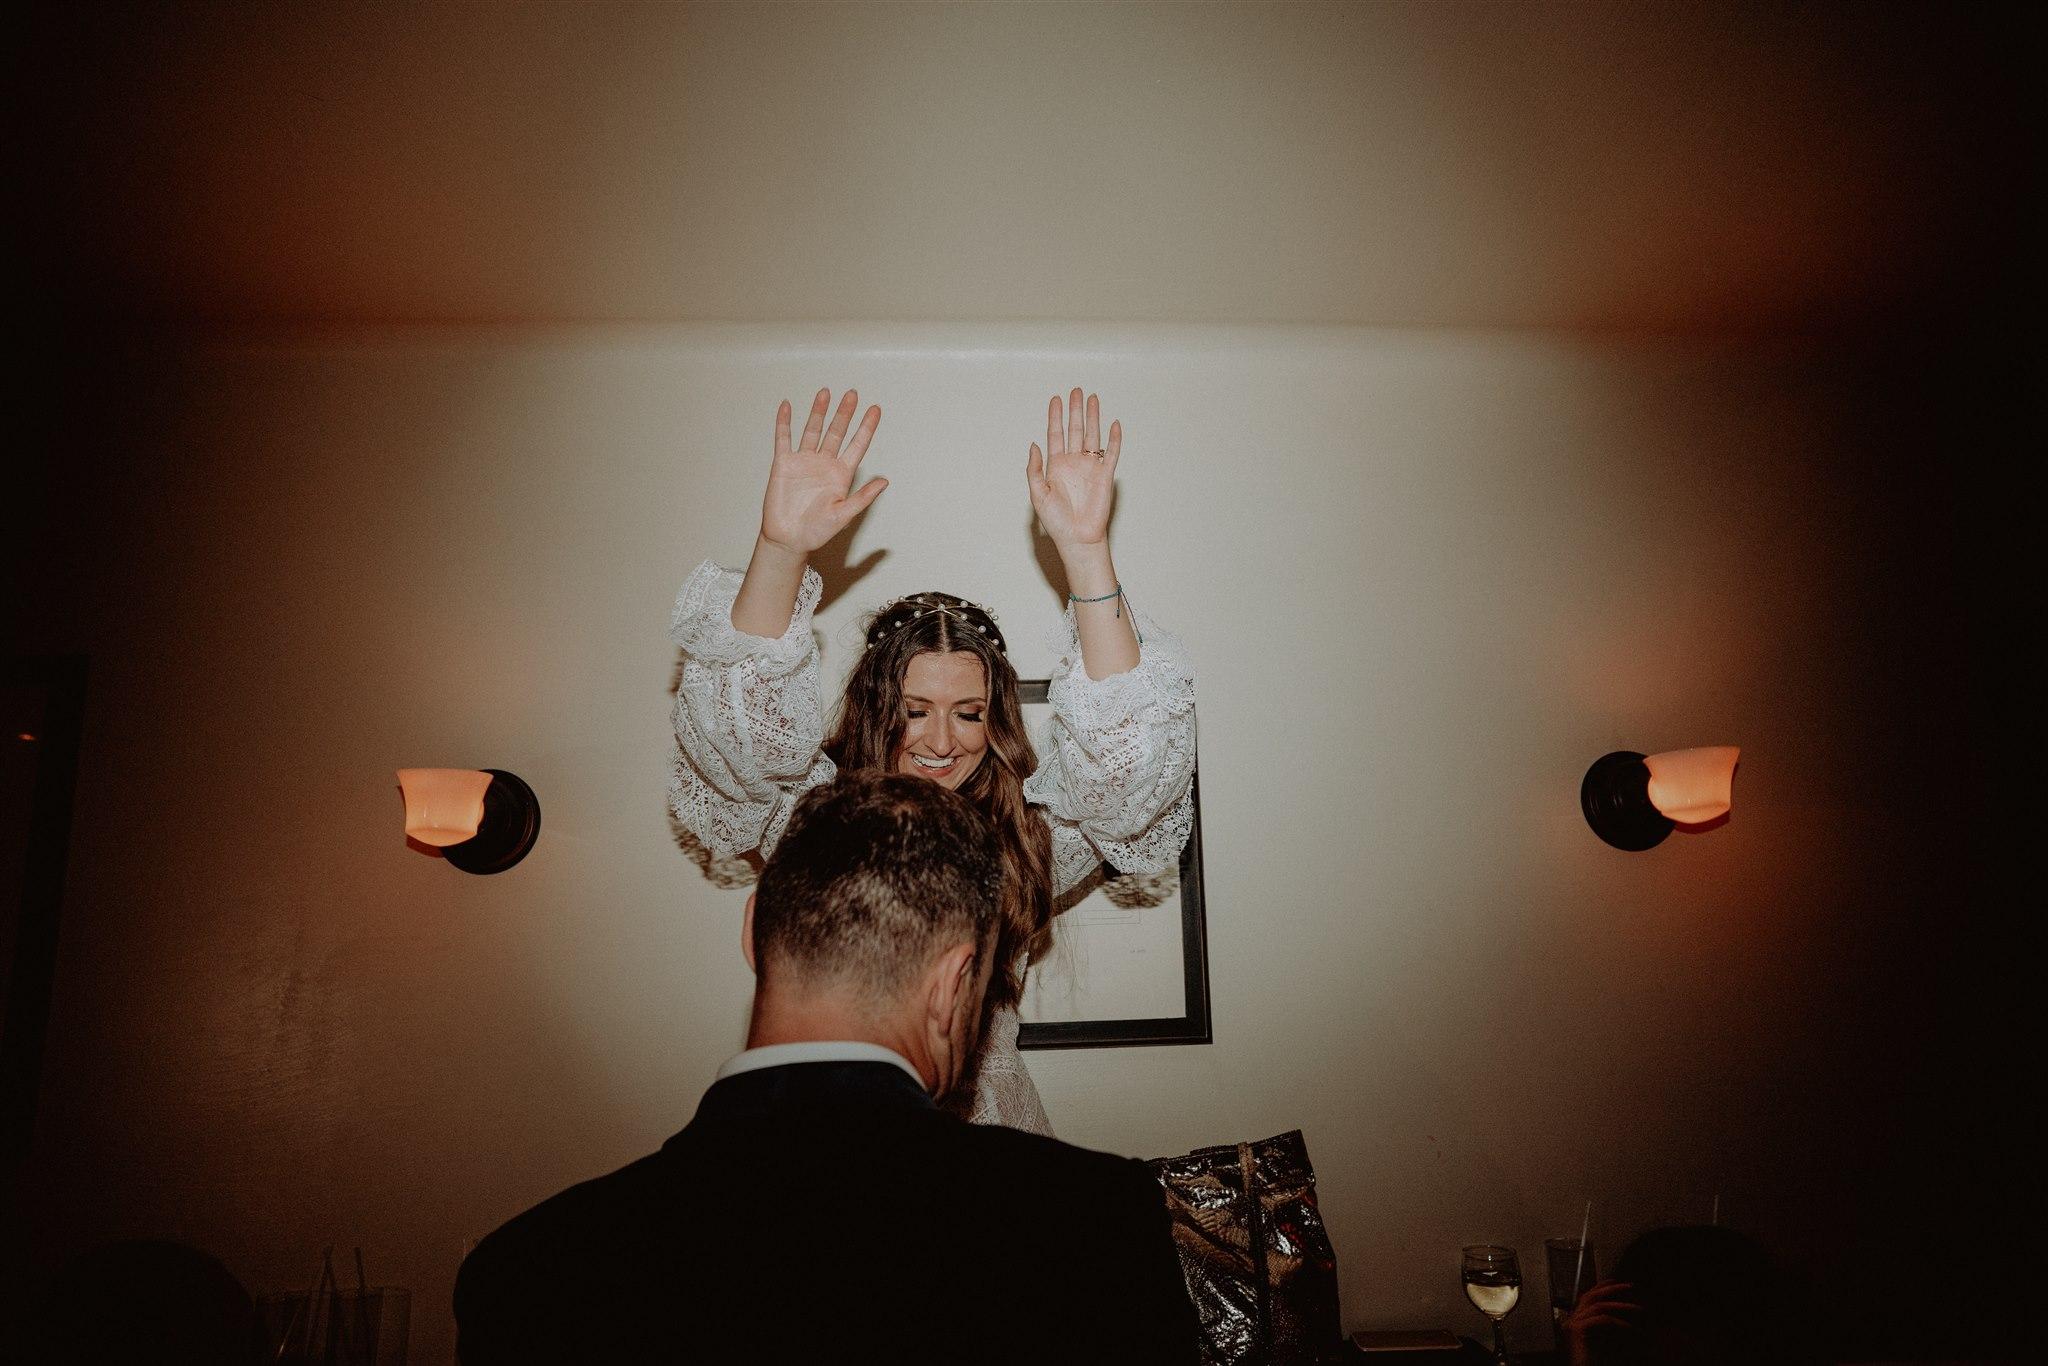 Chellise_Michael_Photography_Ramona_Brooklyn_Wedding_Photographer-949.jpg